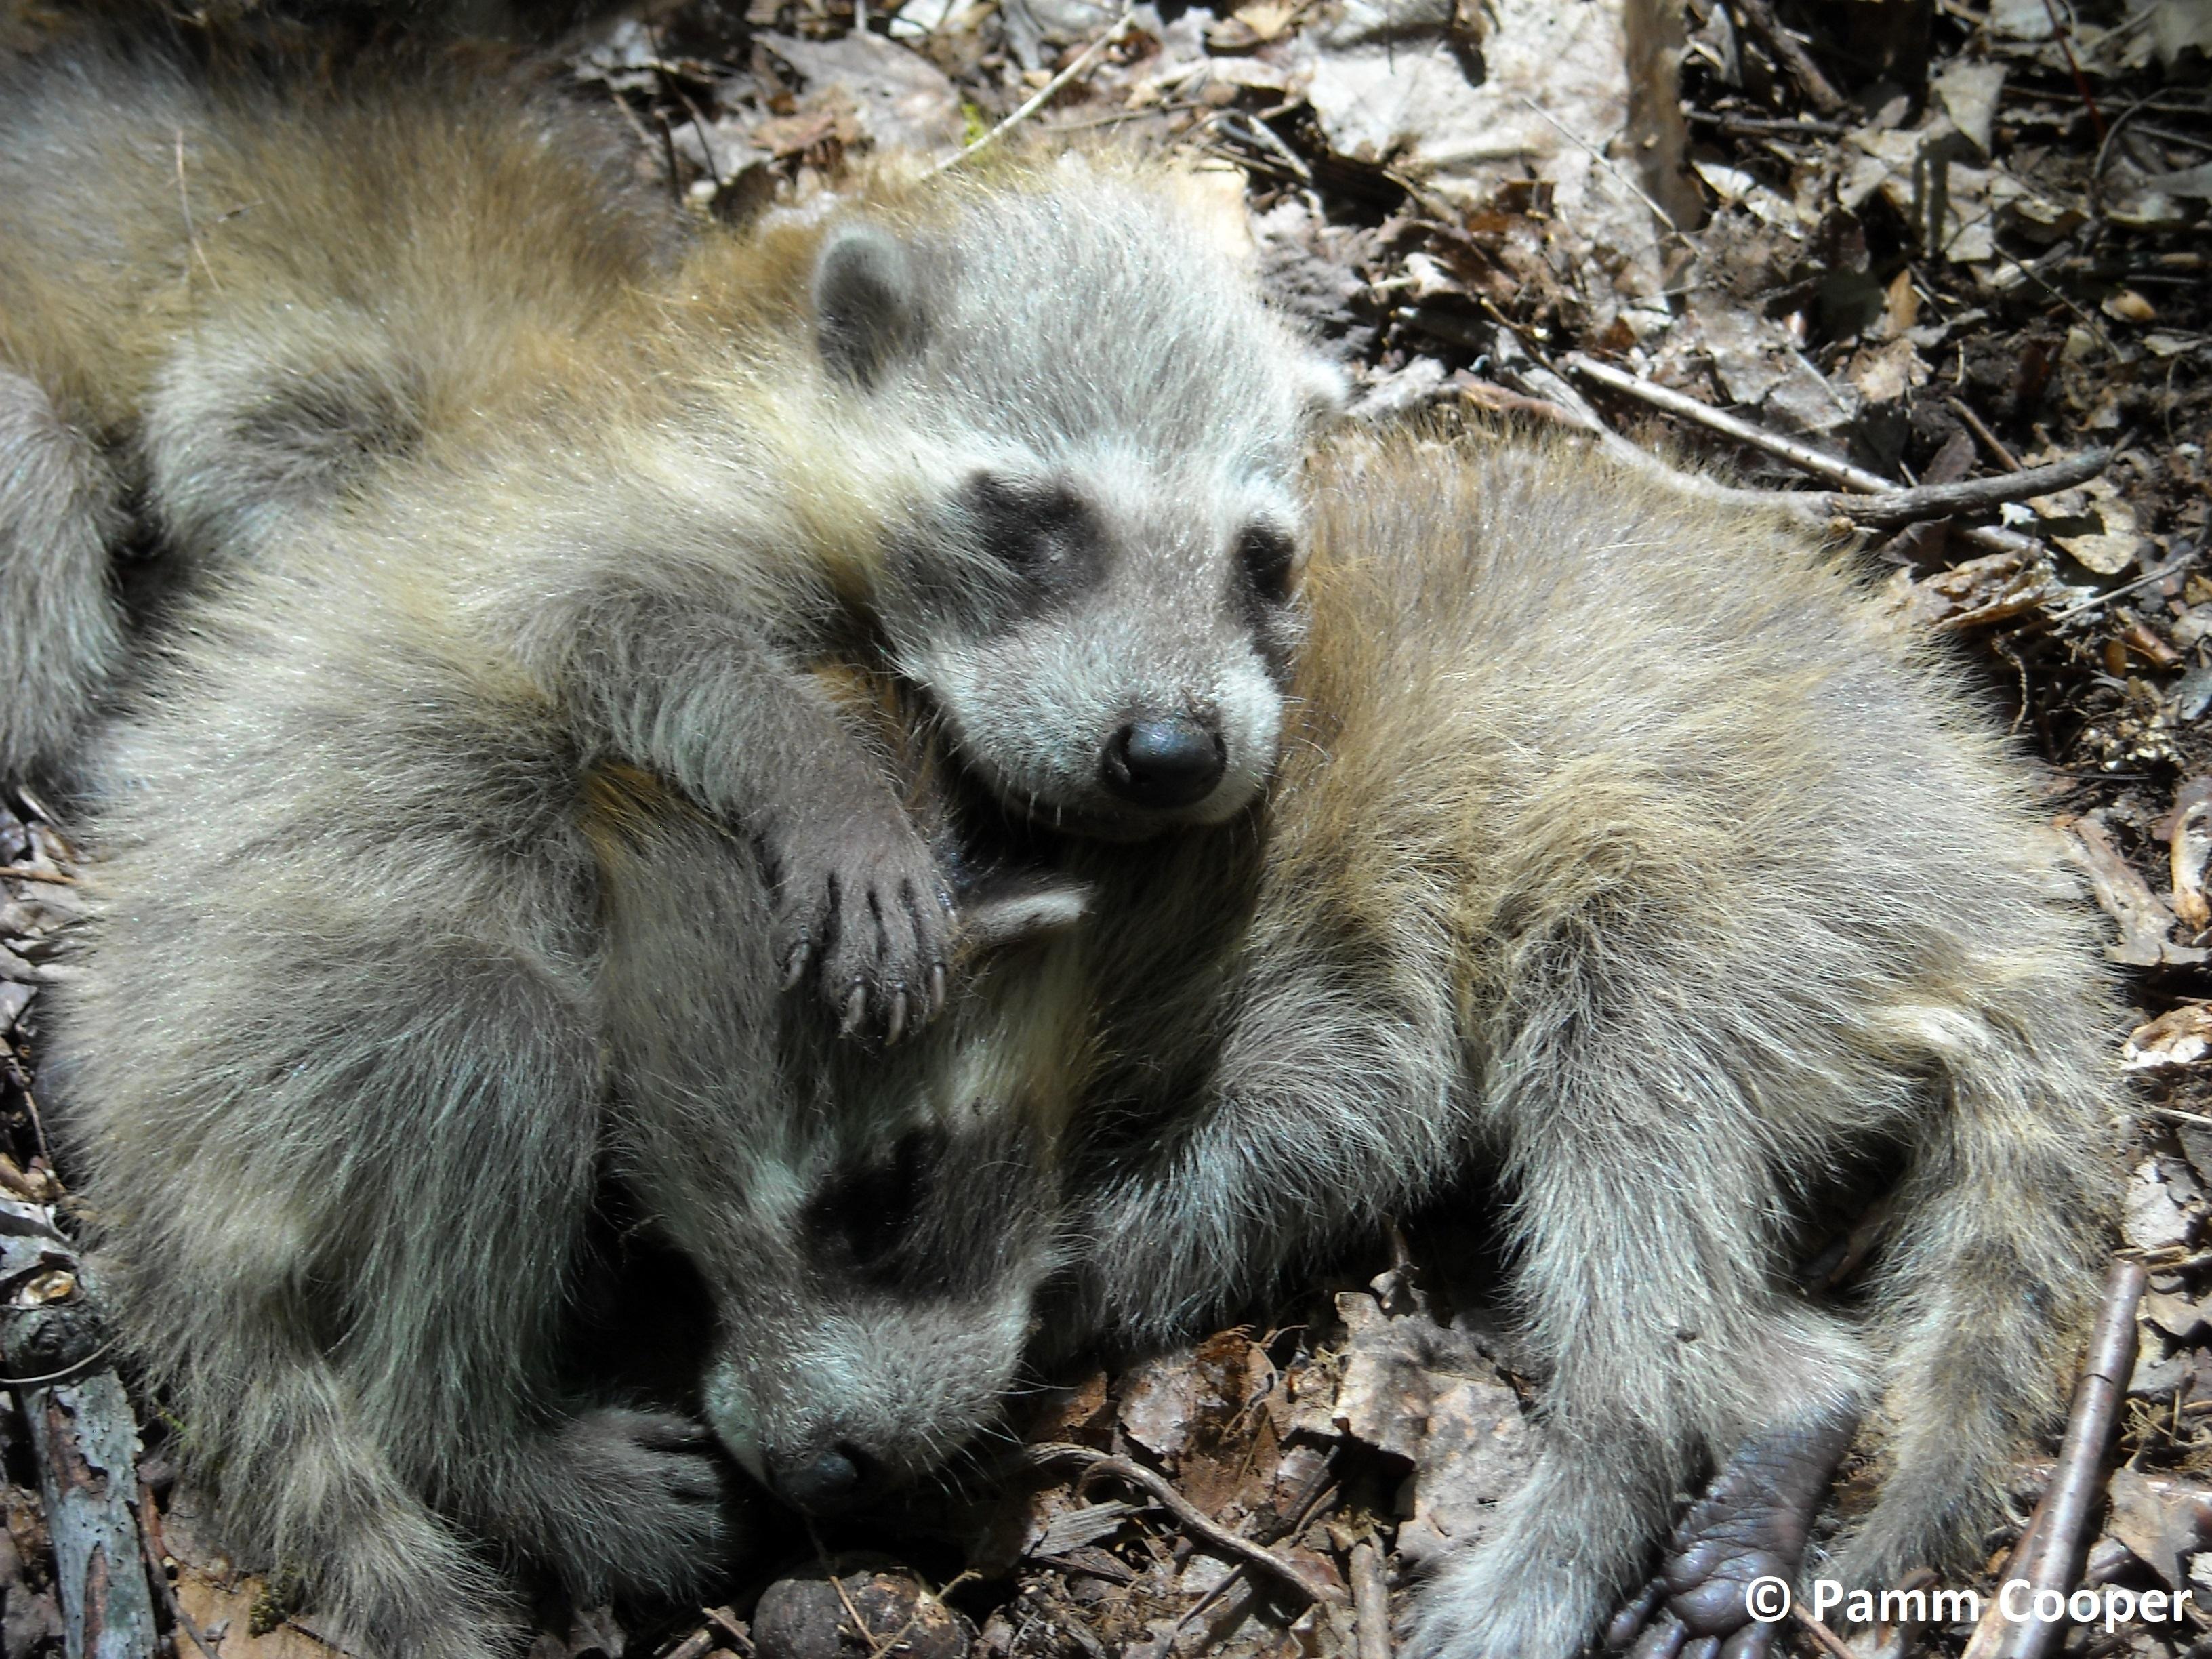 baby raccoons June 2